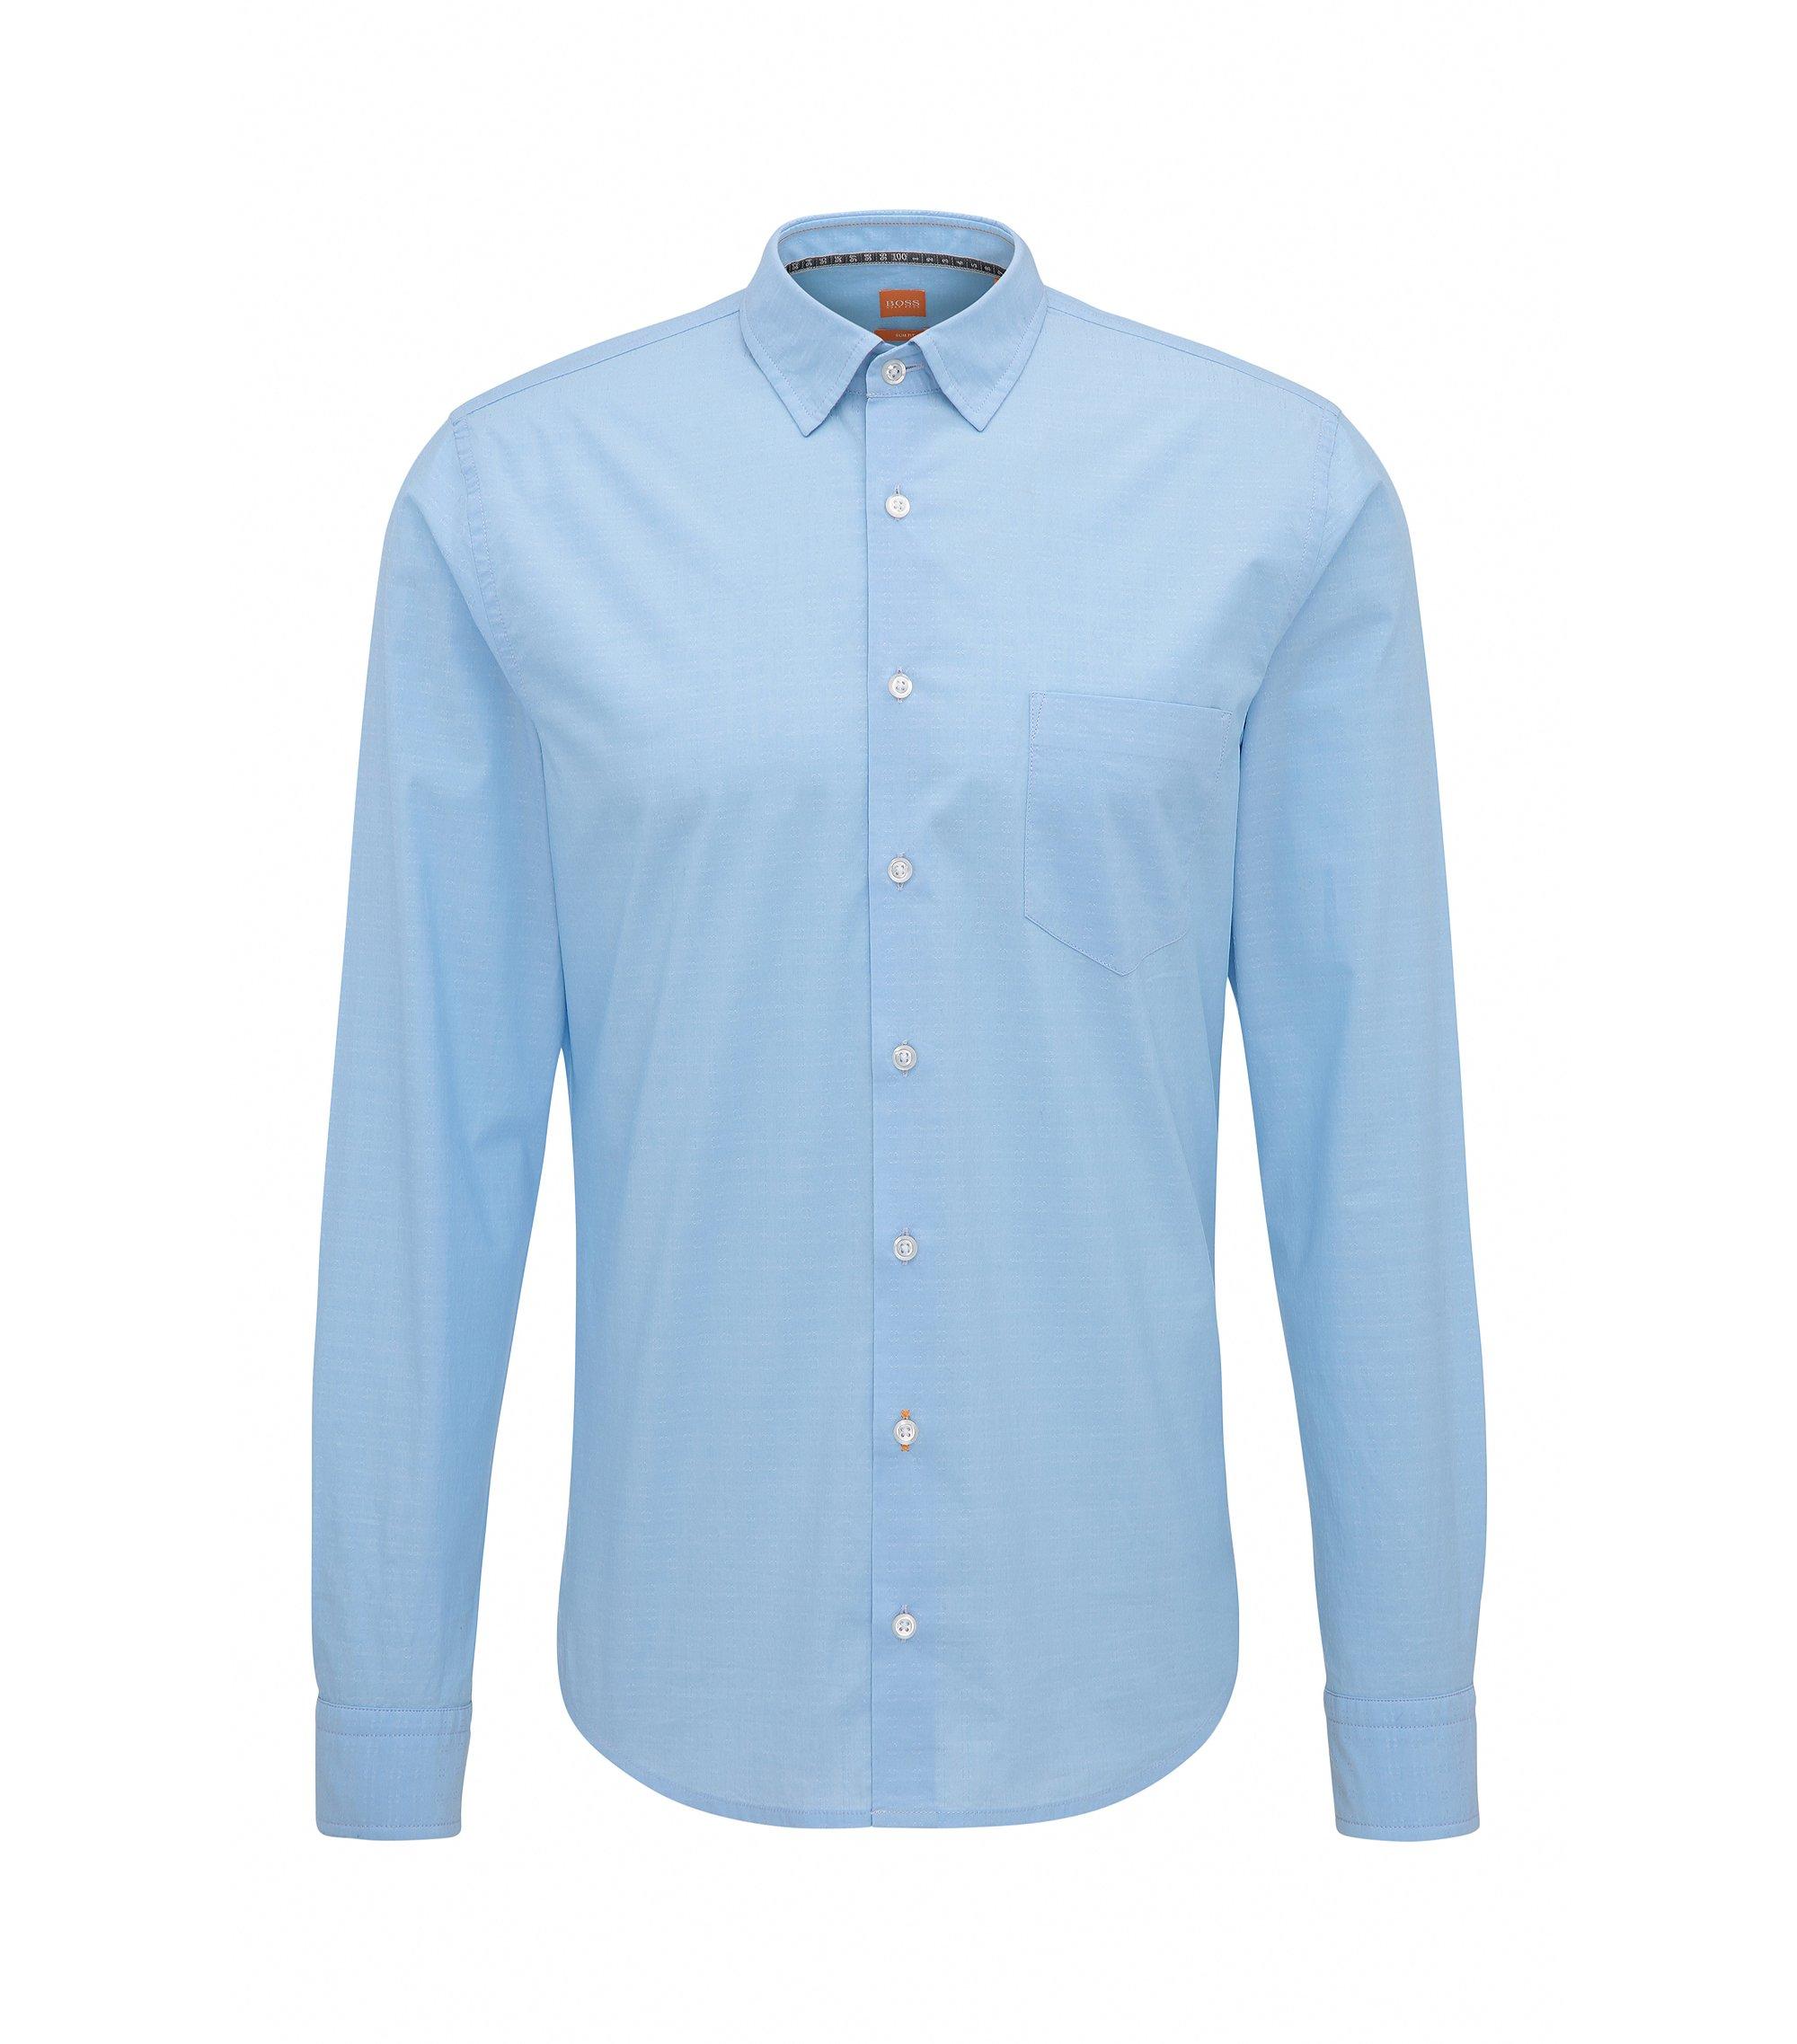 Chemise Slim Fit en coton dobby stretch, Bleu foncé